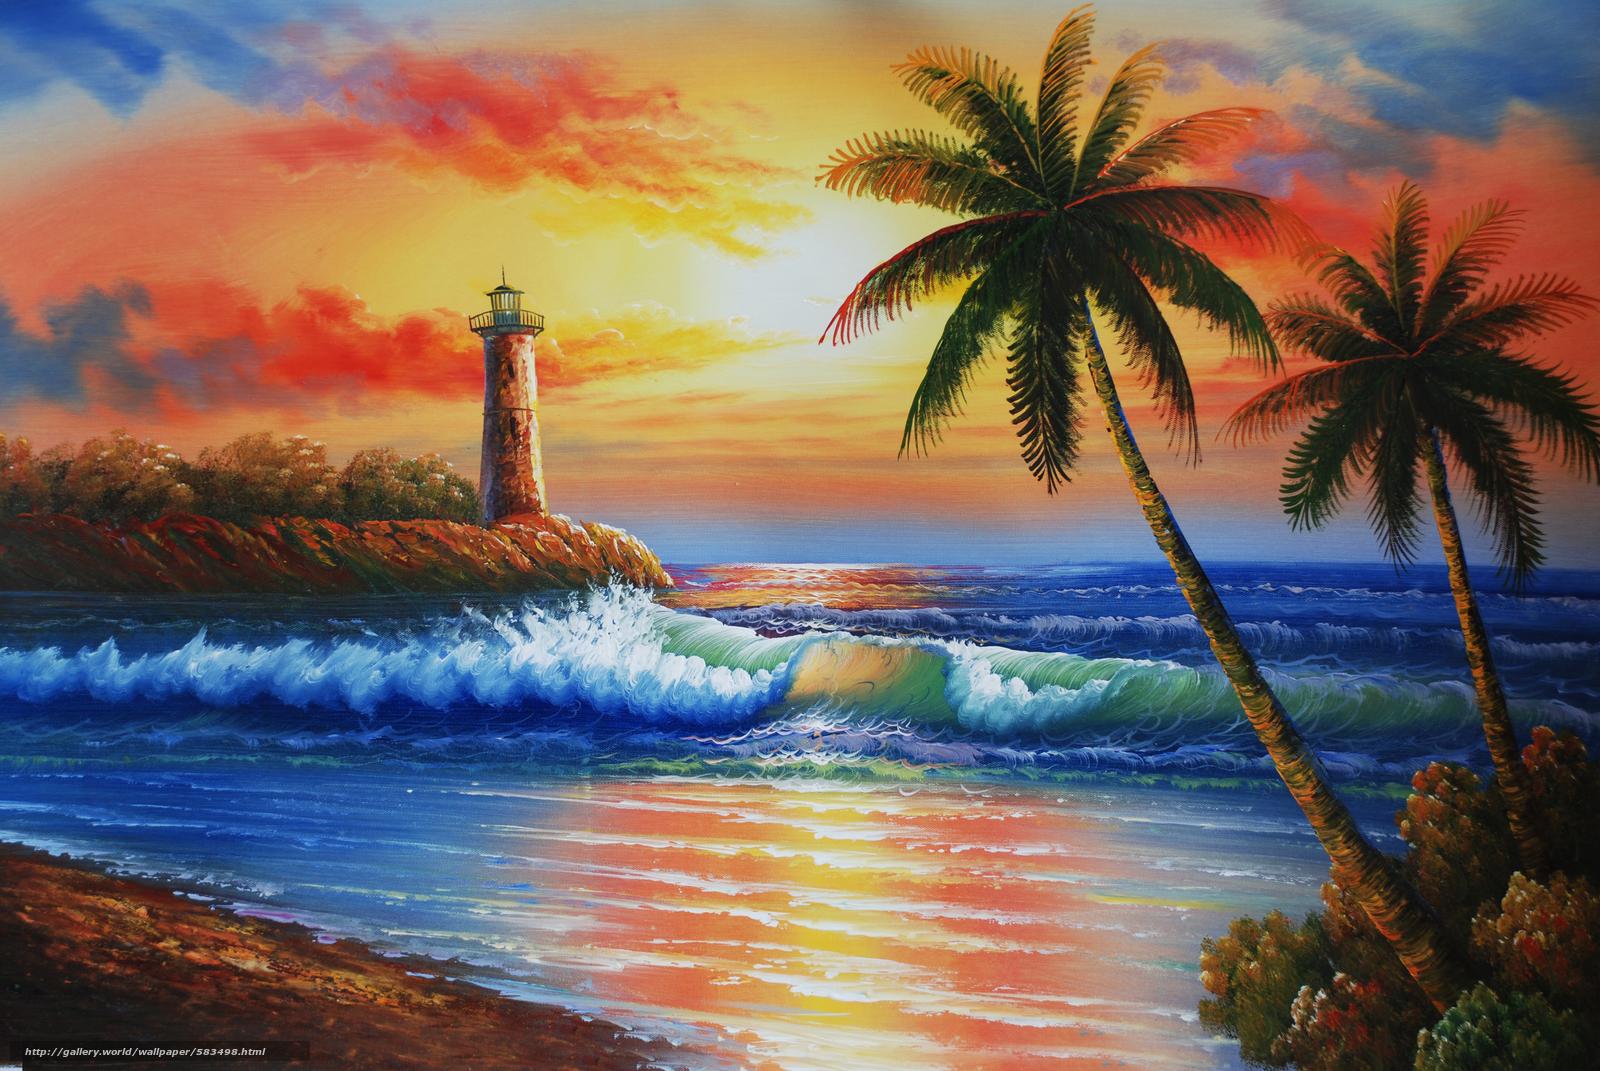 , Himmel, Malerei, Insel, Leuchtturm, Meer, Palms, Sonnenuntergang